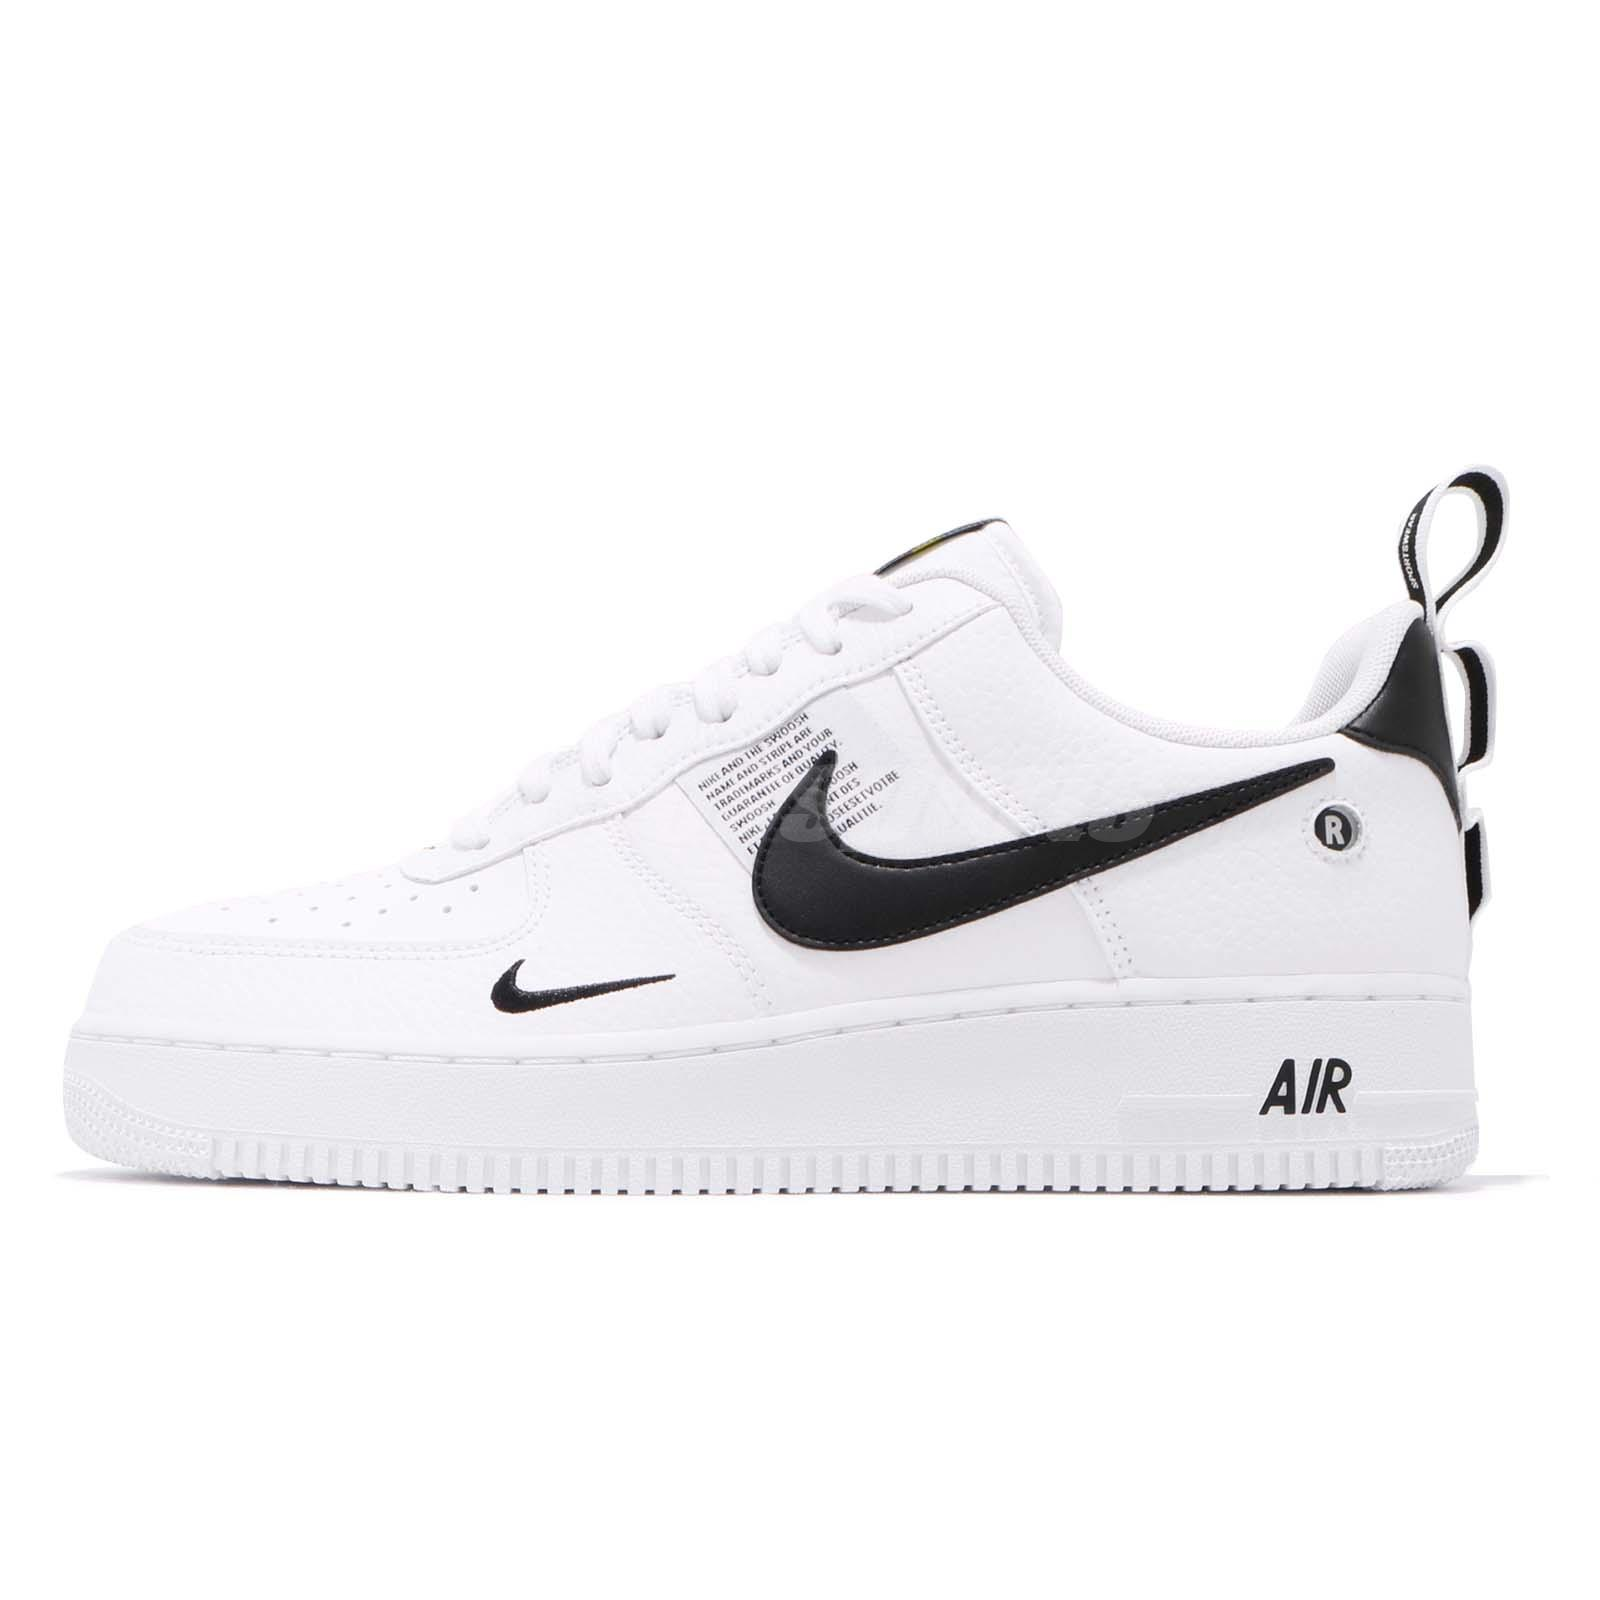 NIKE AIR FORCE 1 07 LV8 Utility White Black Yellow Men Shoes Sneakers AJ7747 100